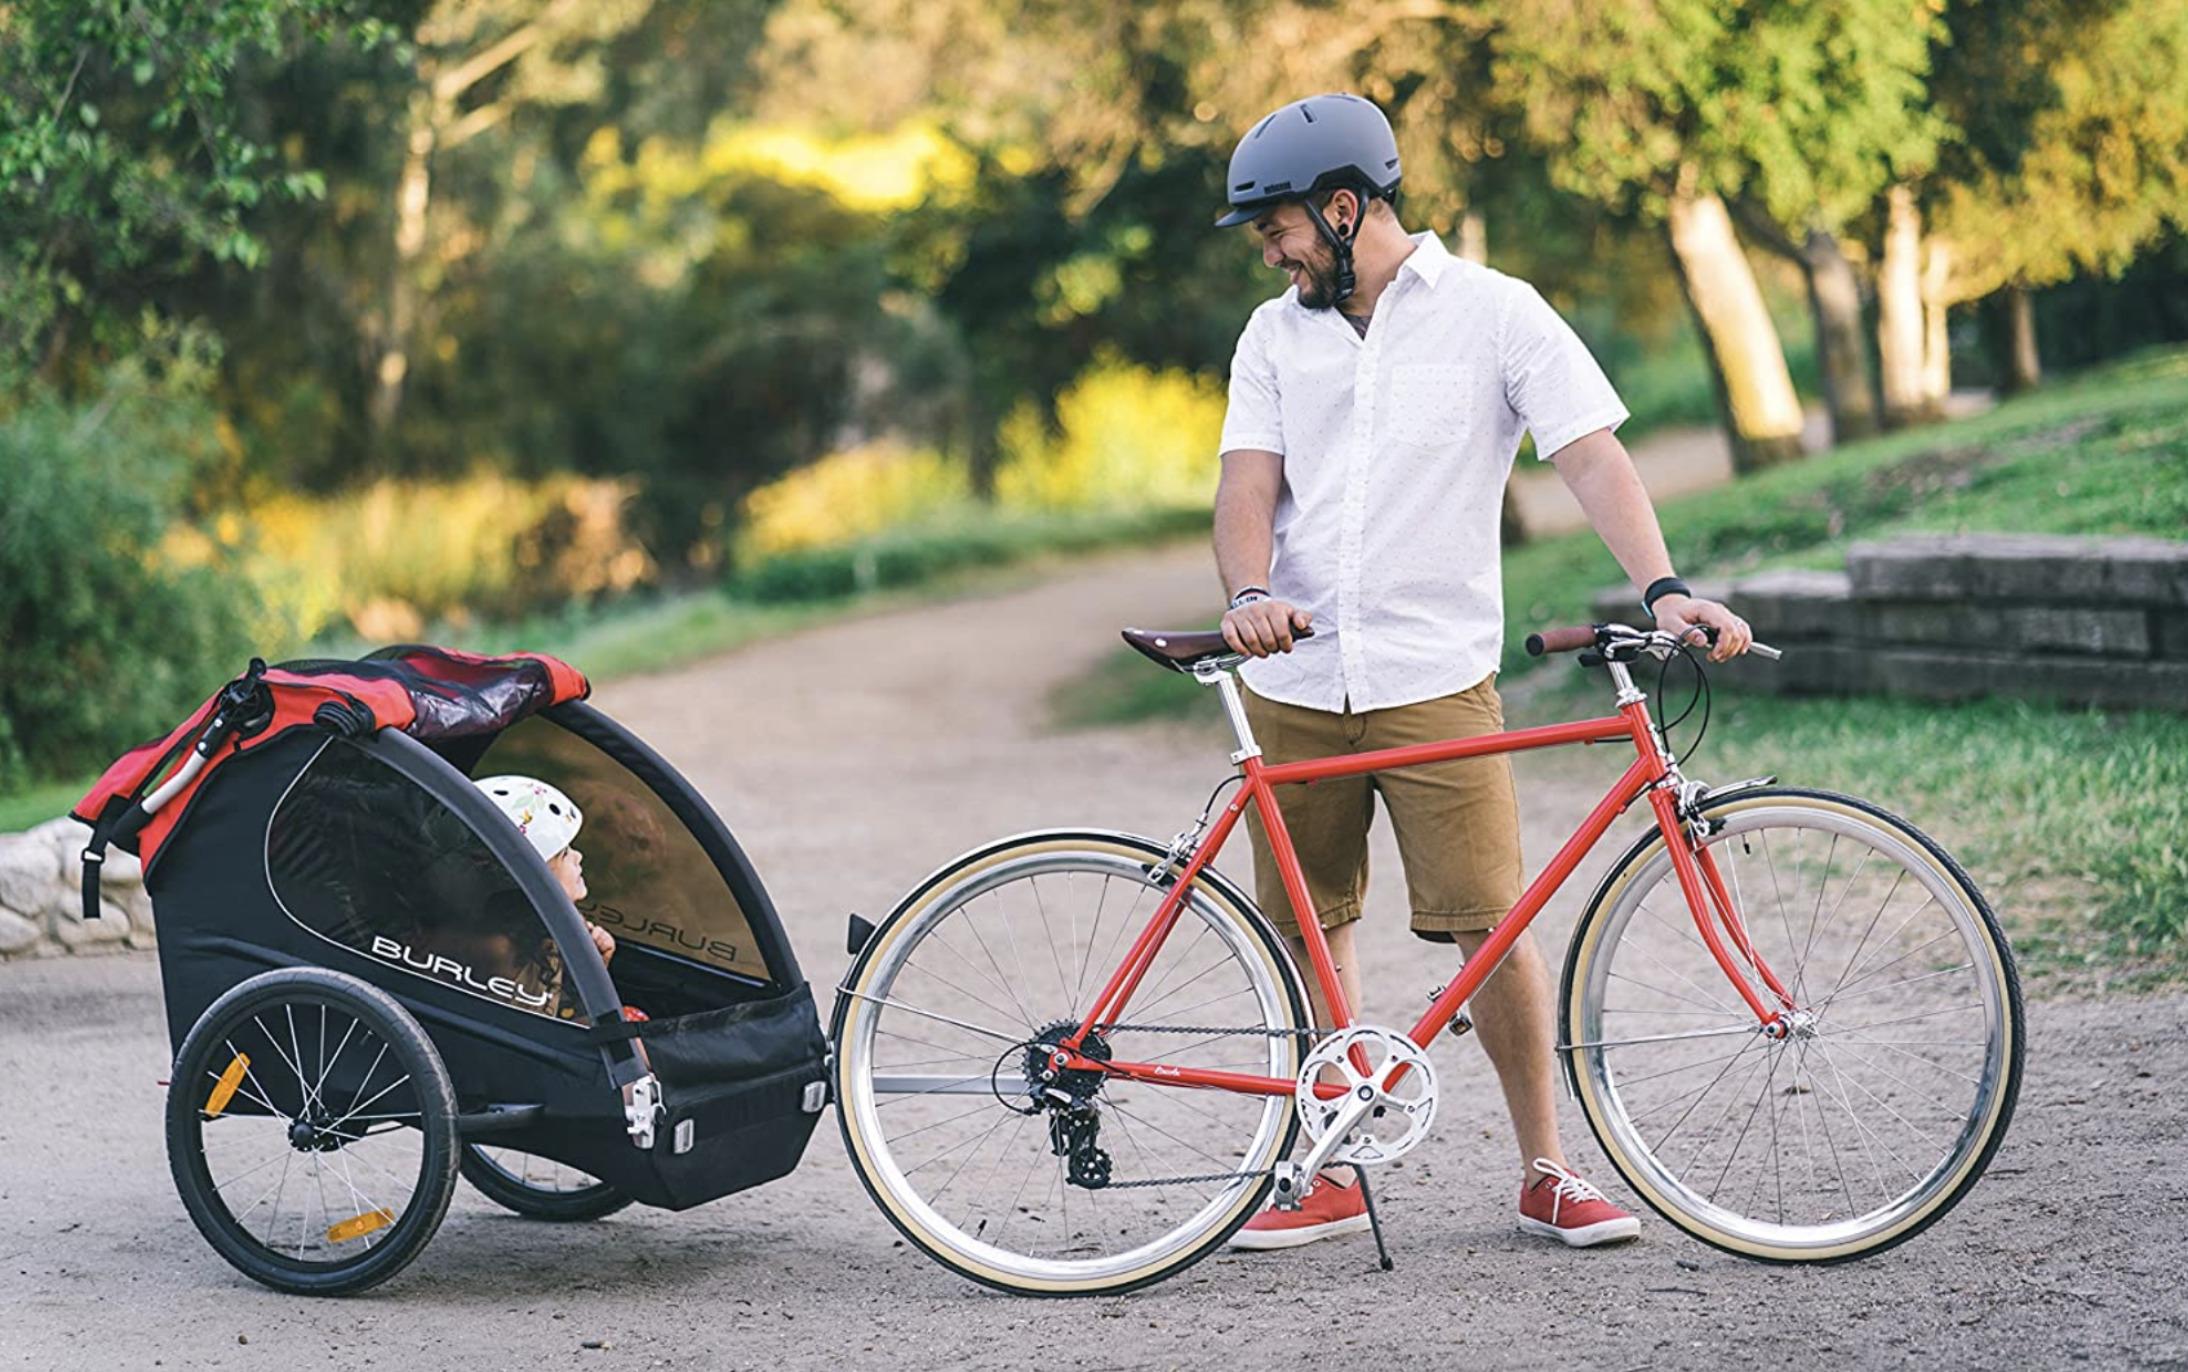 Padre llevando a su hijo en remolques de bicicletas para niños Burley